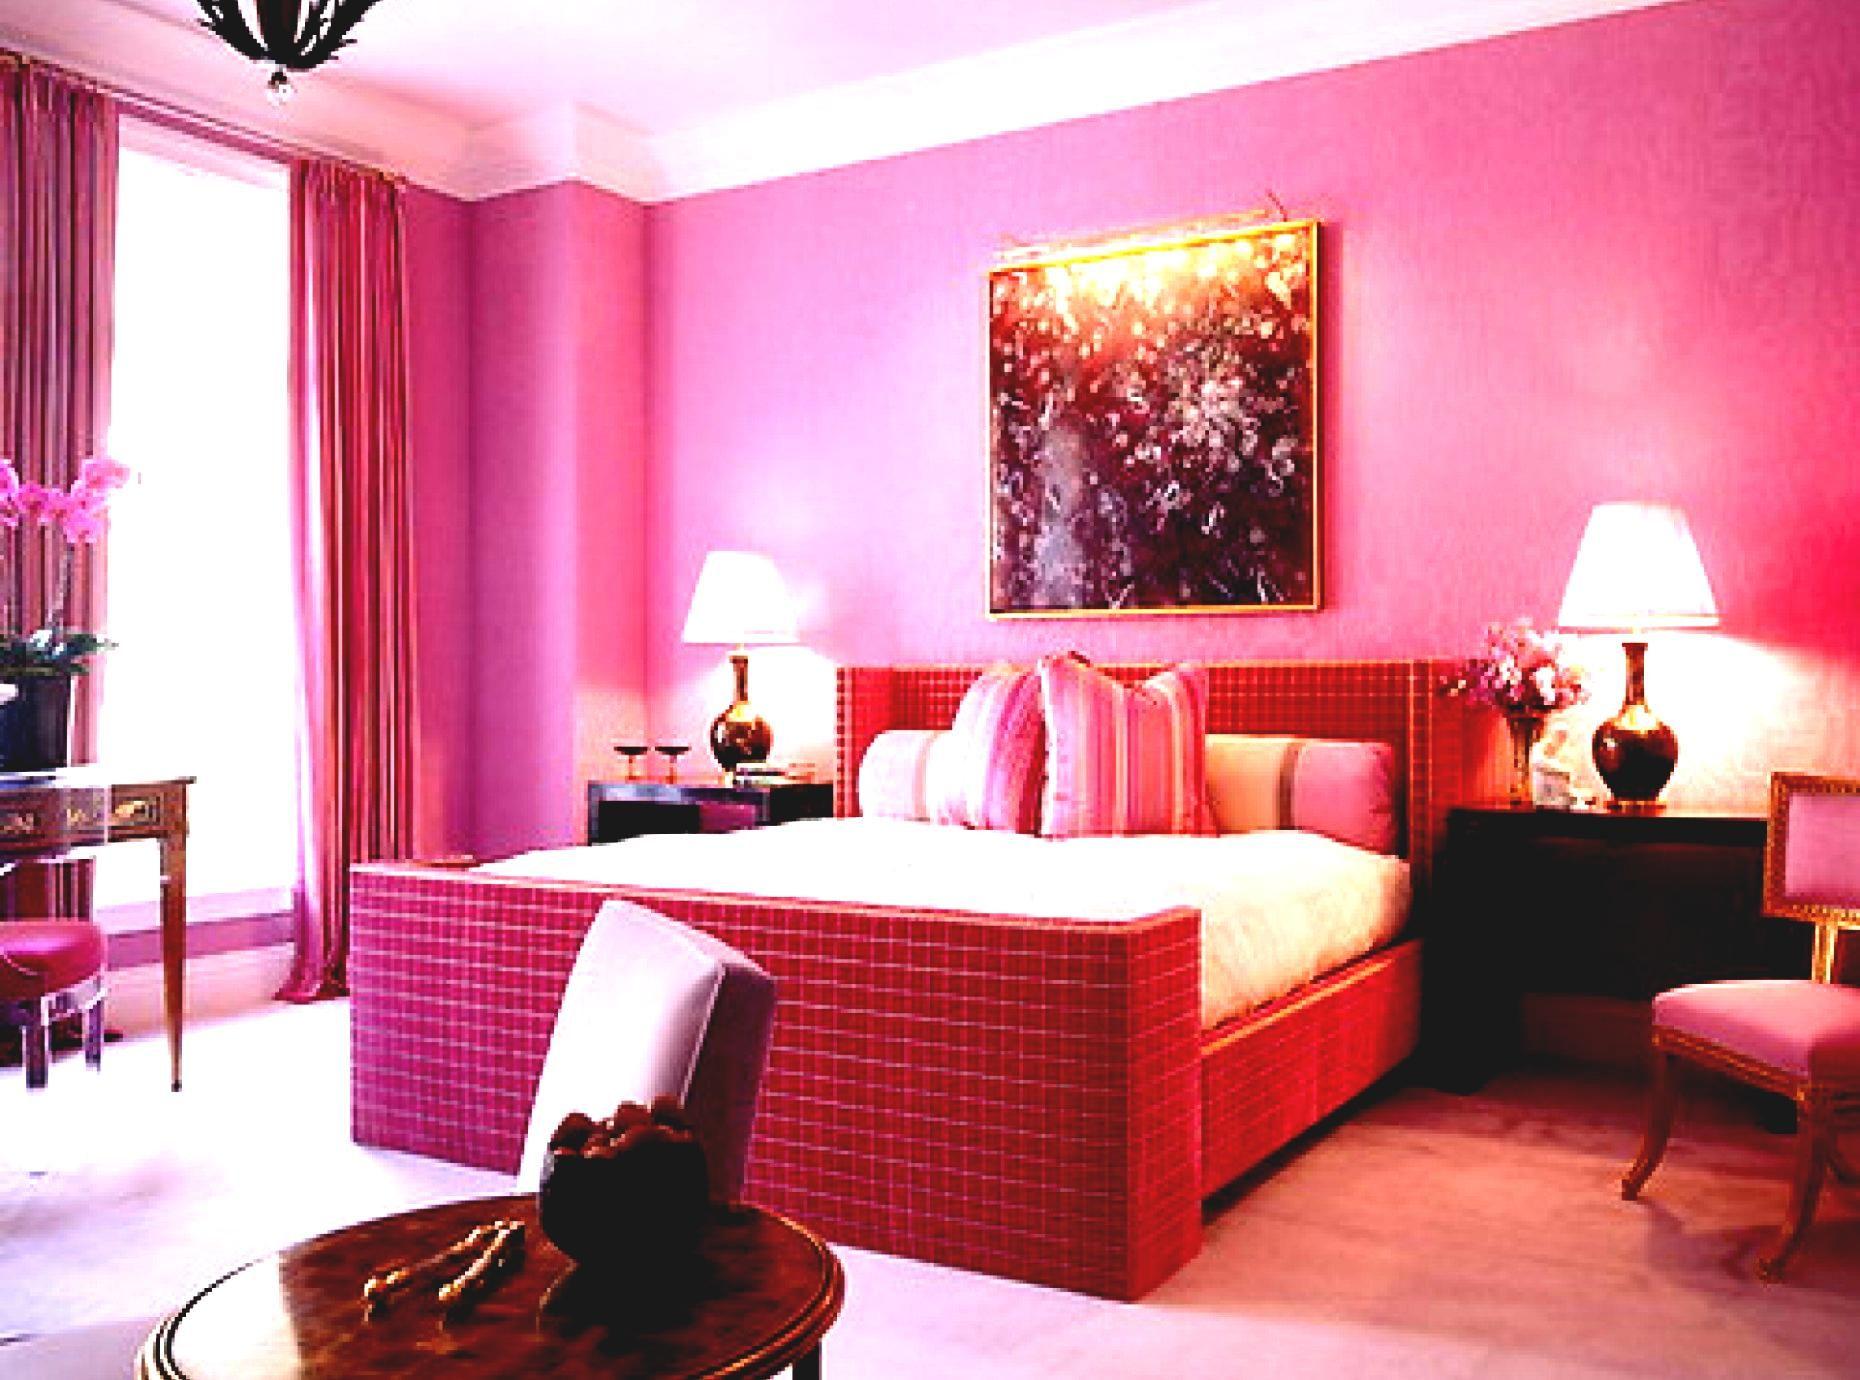 Wand Farbe Kombination Für Schlafzimmer Rosa mädchen